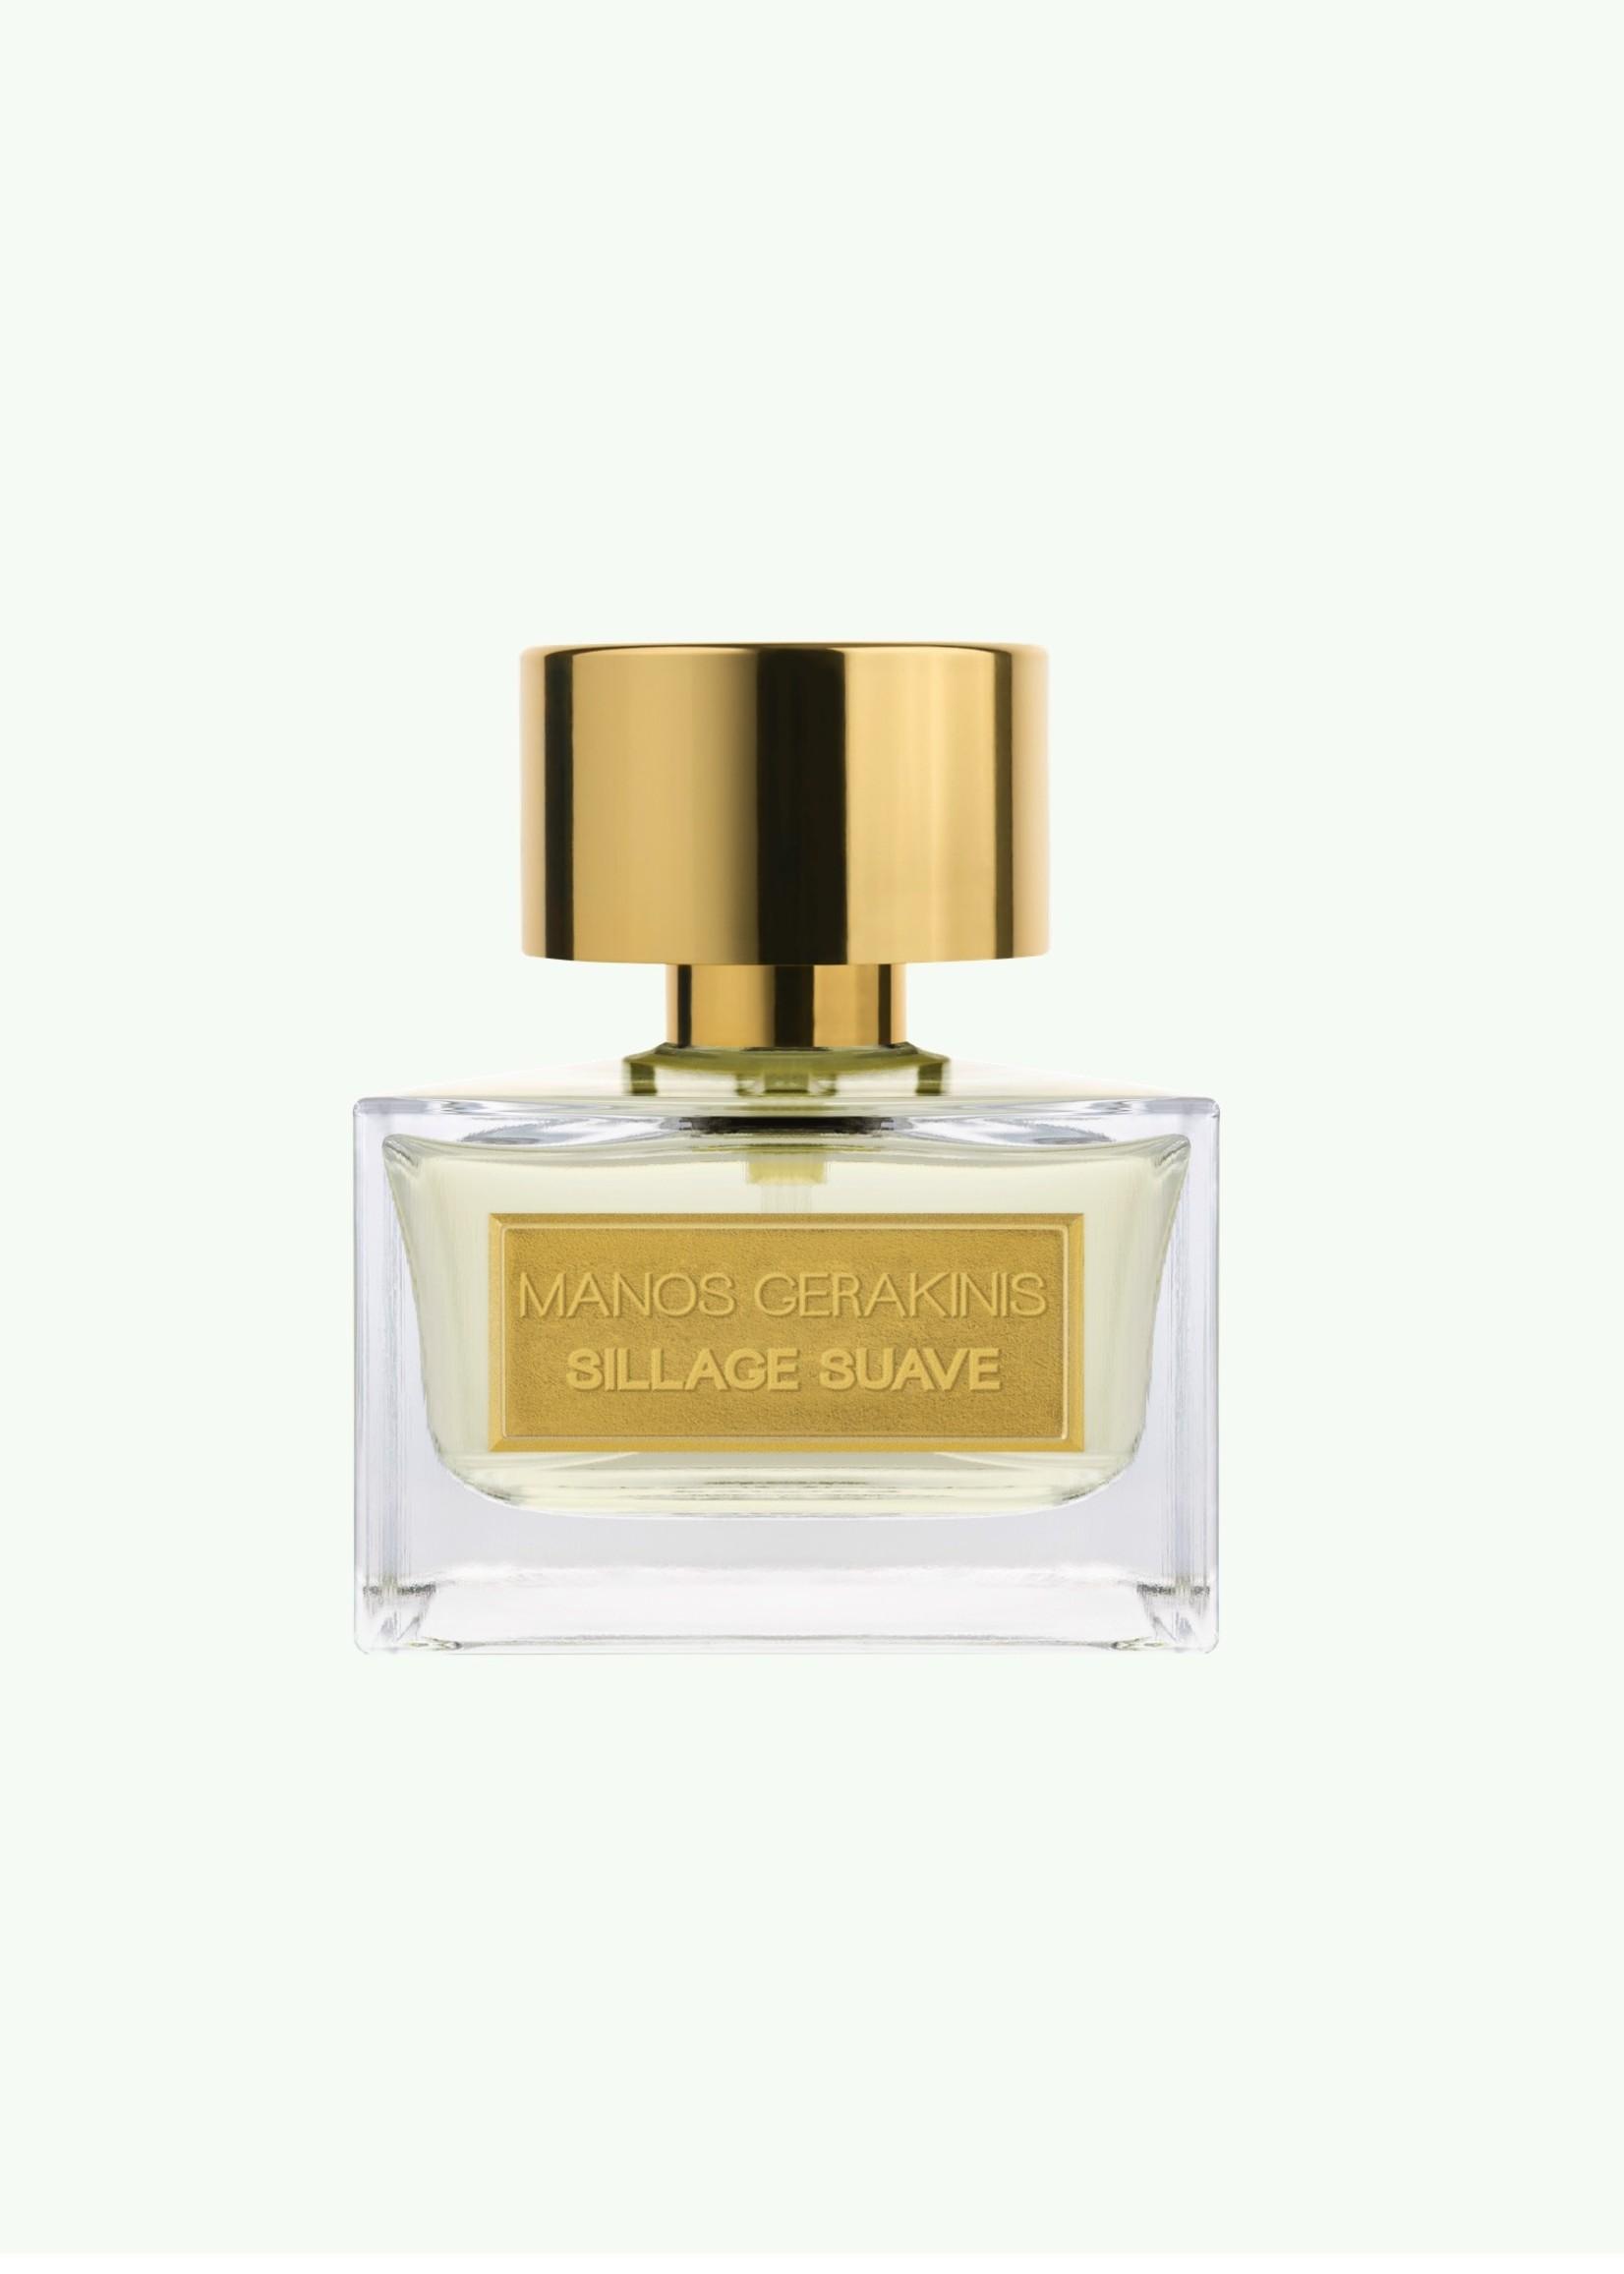 Manos Gerakinis Manos Gerakinis - Sillage Suave - Eau de Parfum